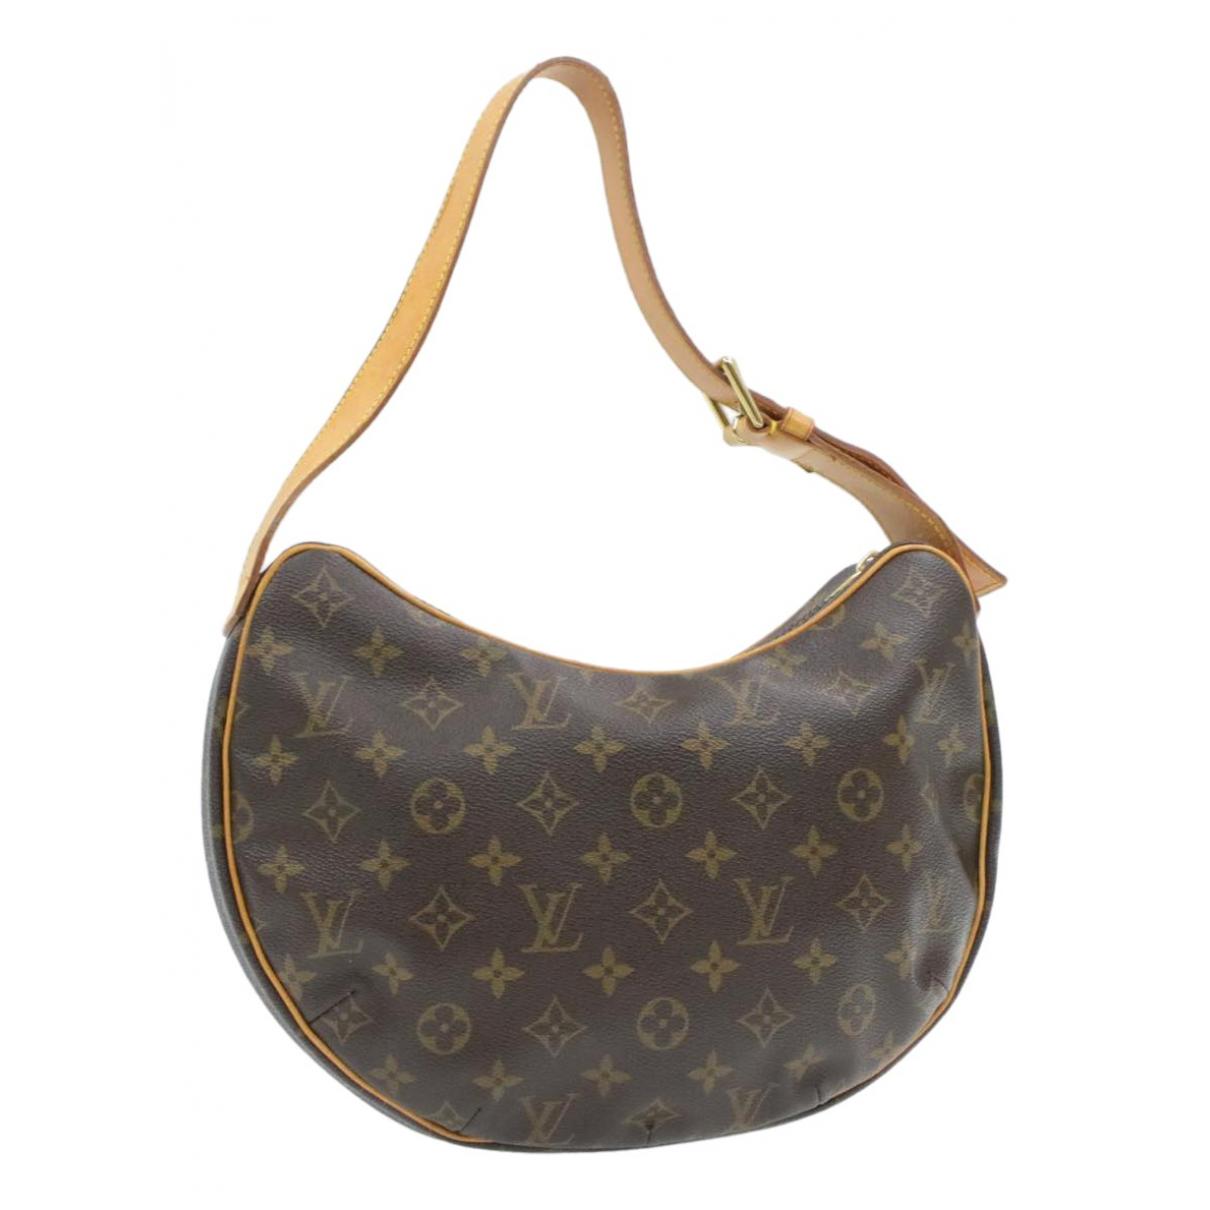 Louis Vuitton - Sac a main Croissant  pour femme en toile - marron